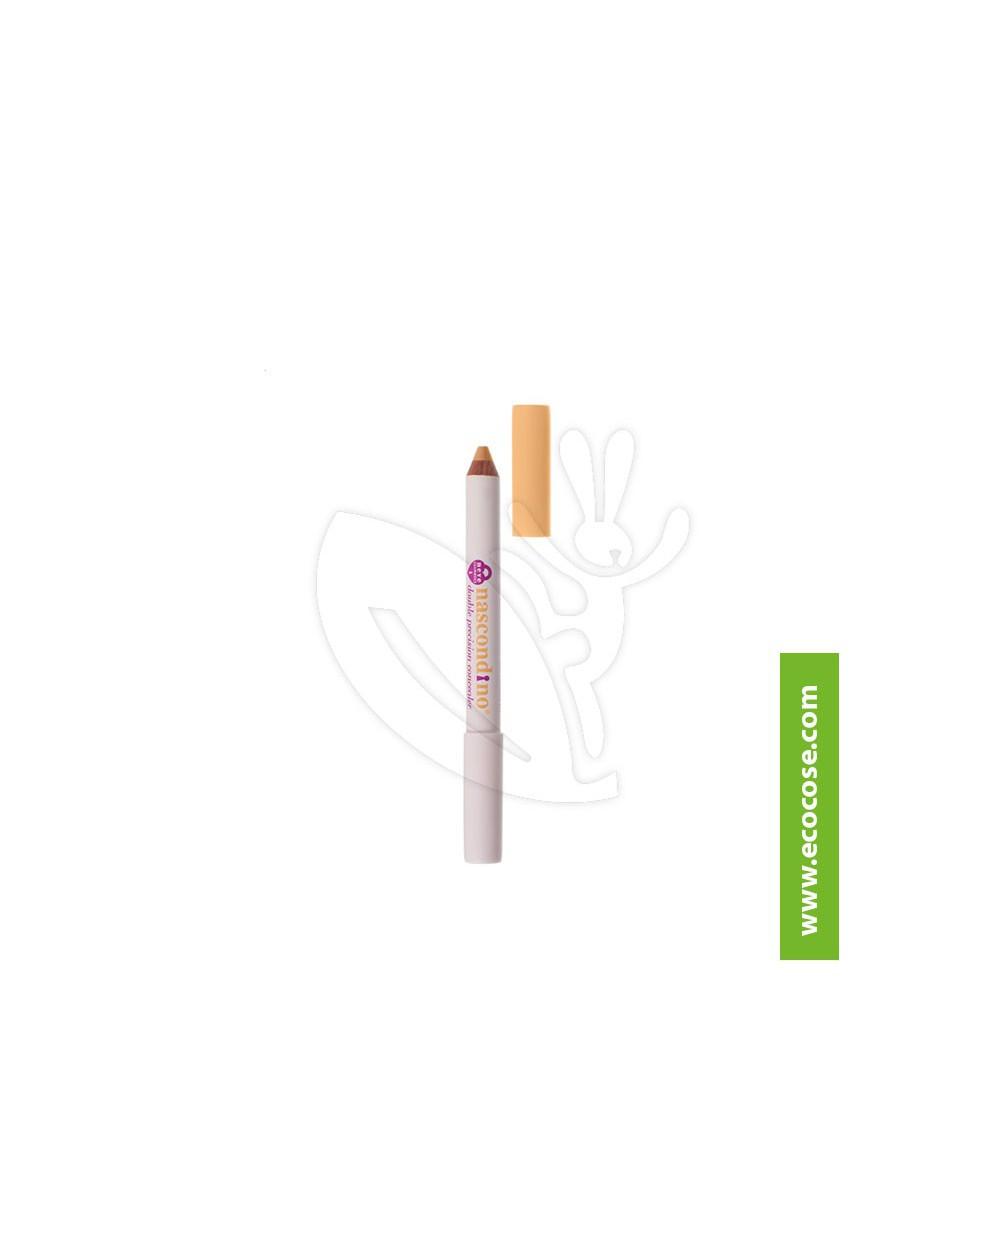 Neve Cosmetics - Nascondino Double Precision concealer - Light